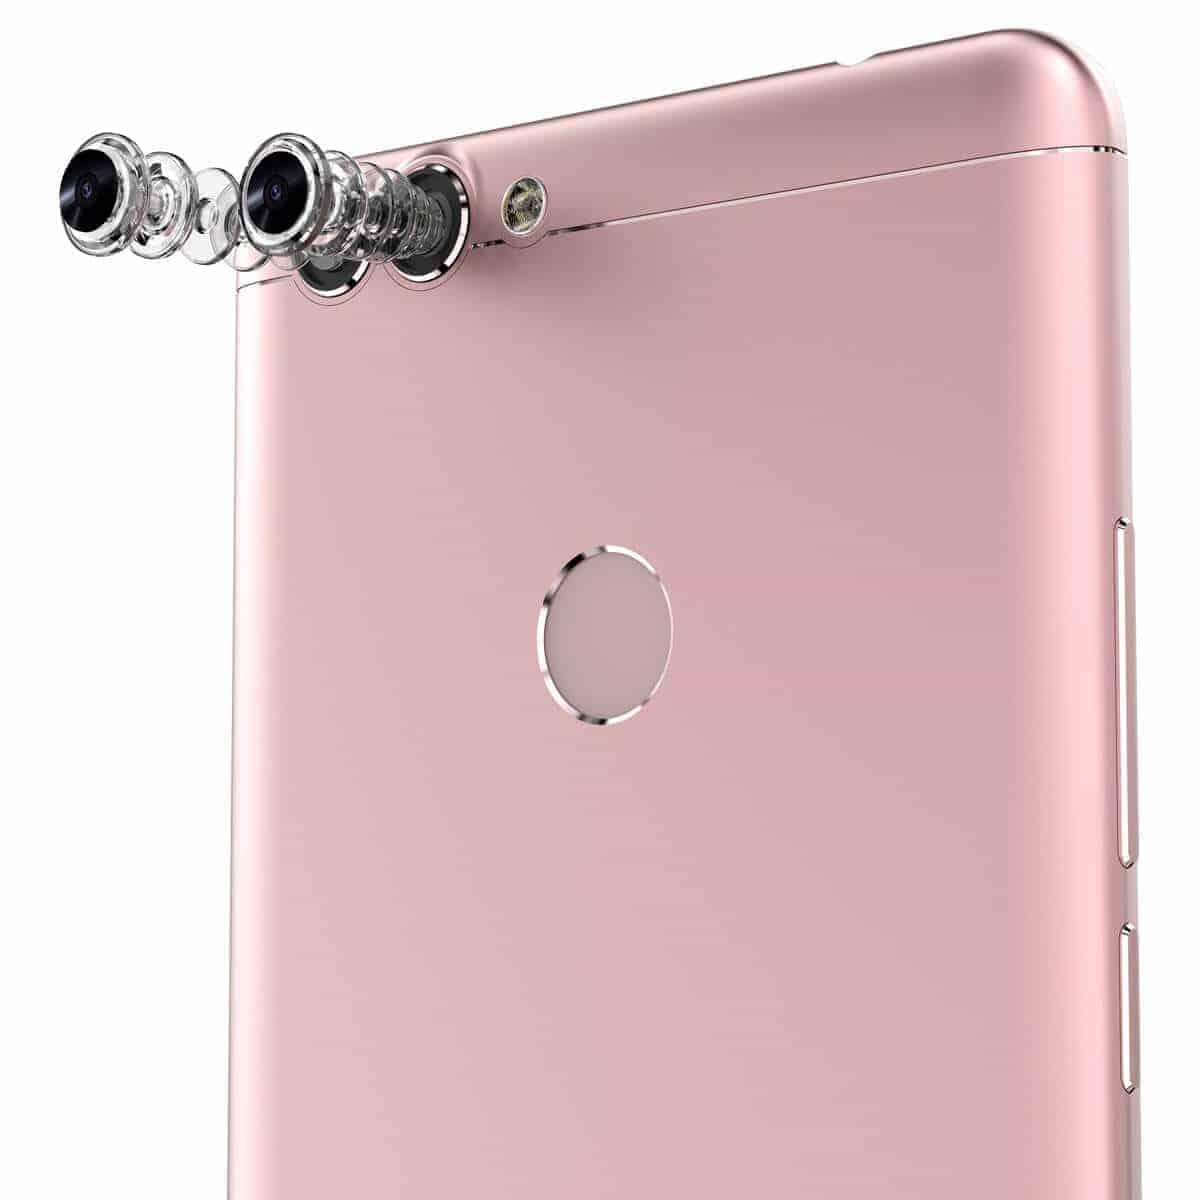 Bluboo Dual Rear Cameras